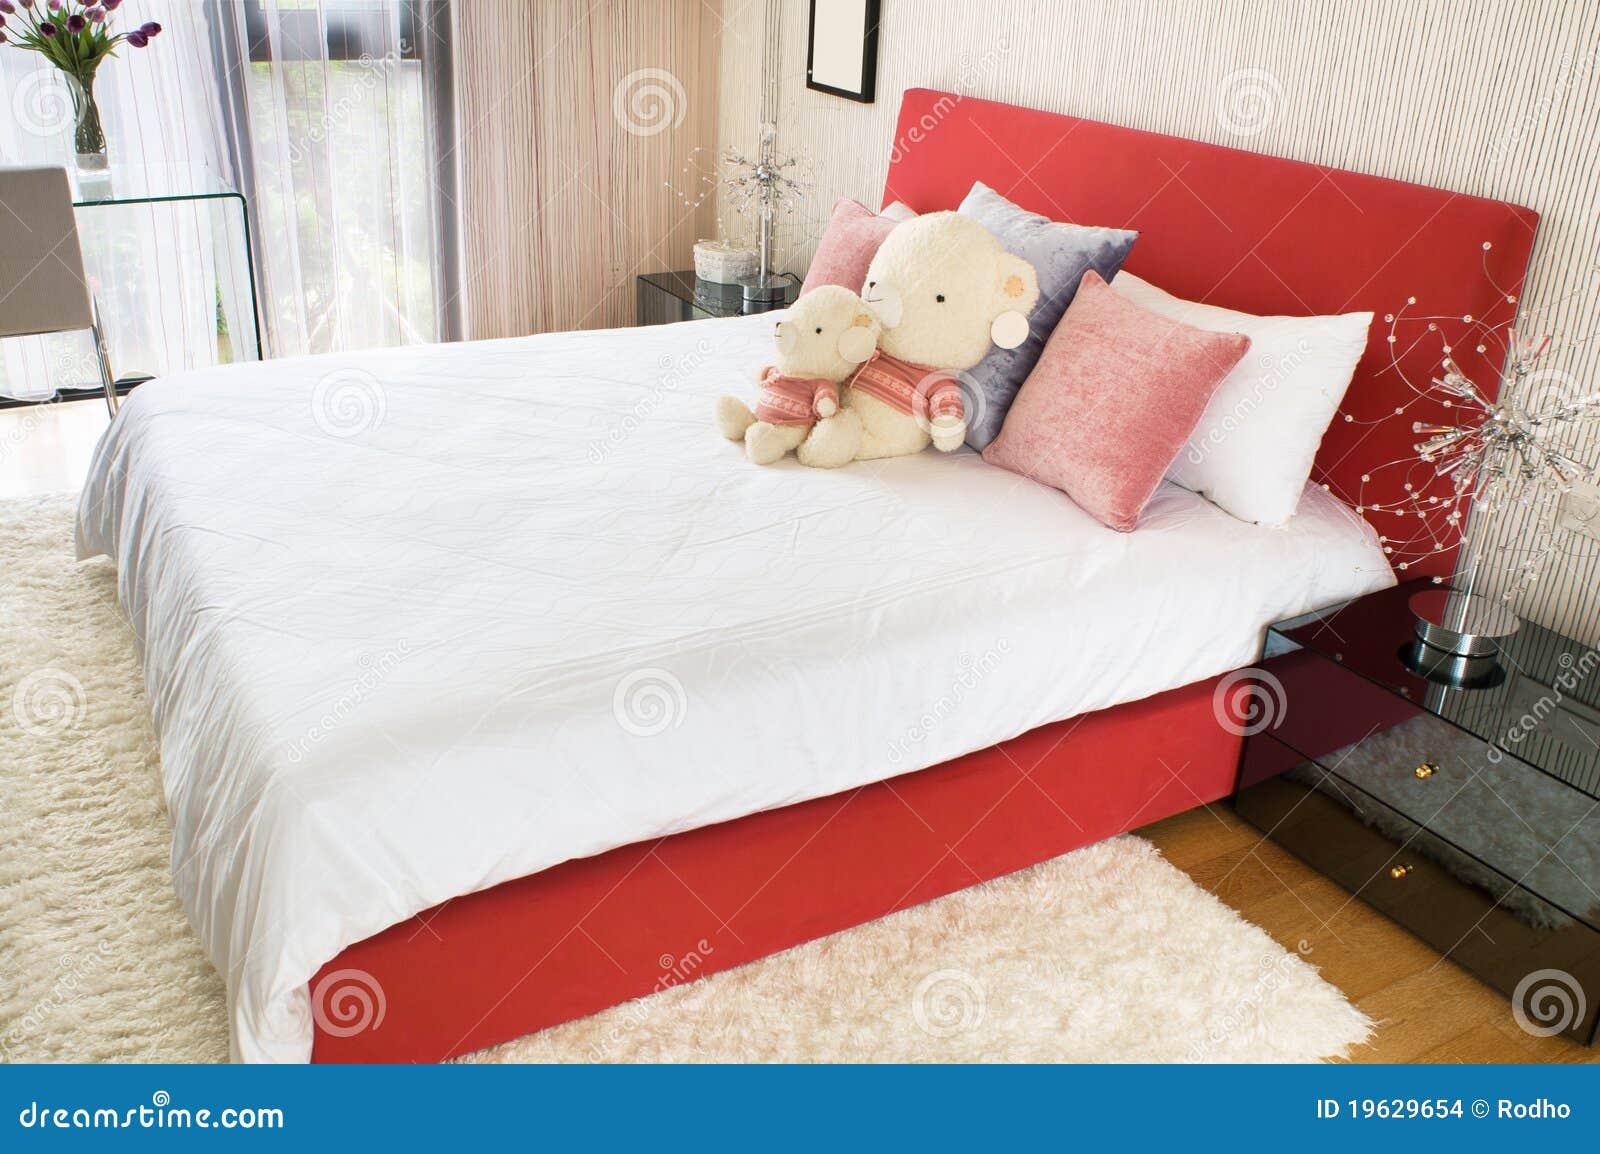 kids bedroom toys bed